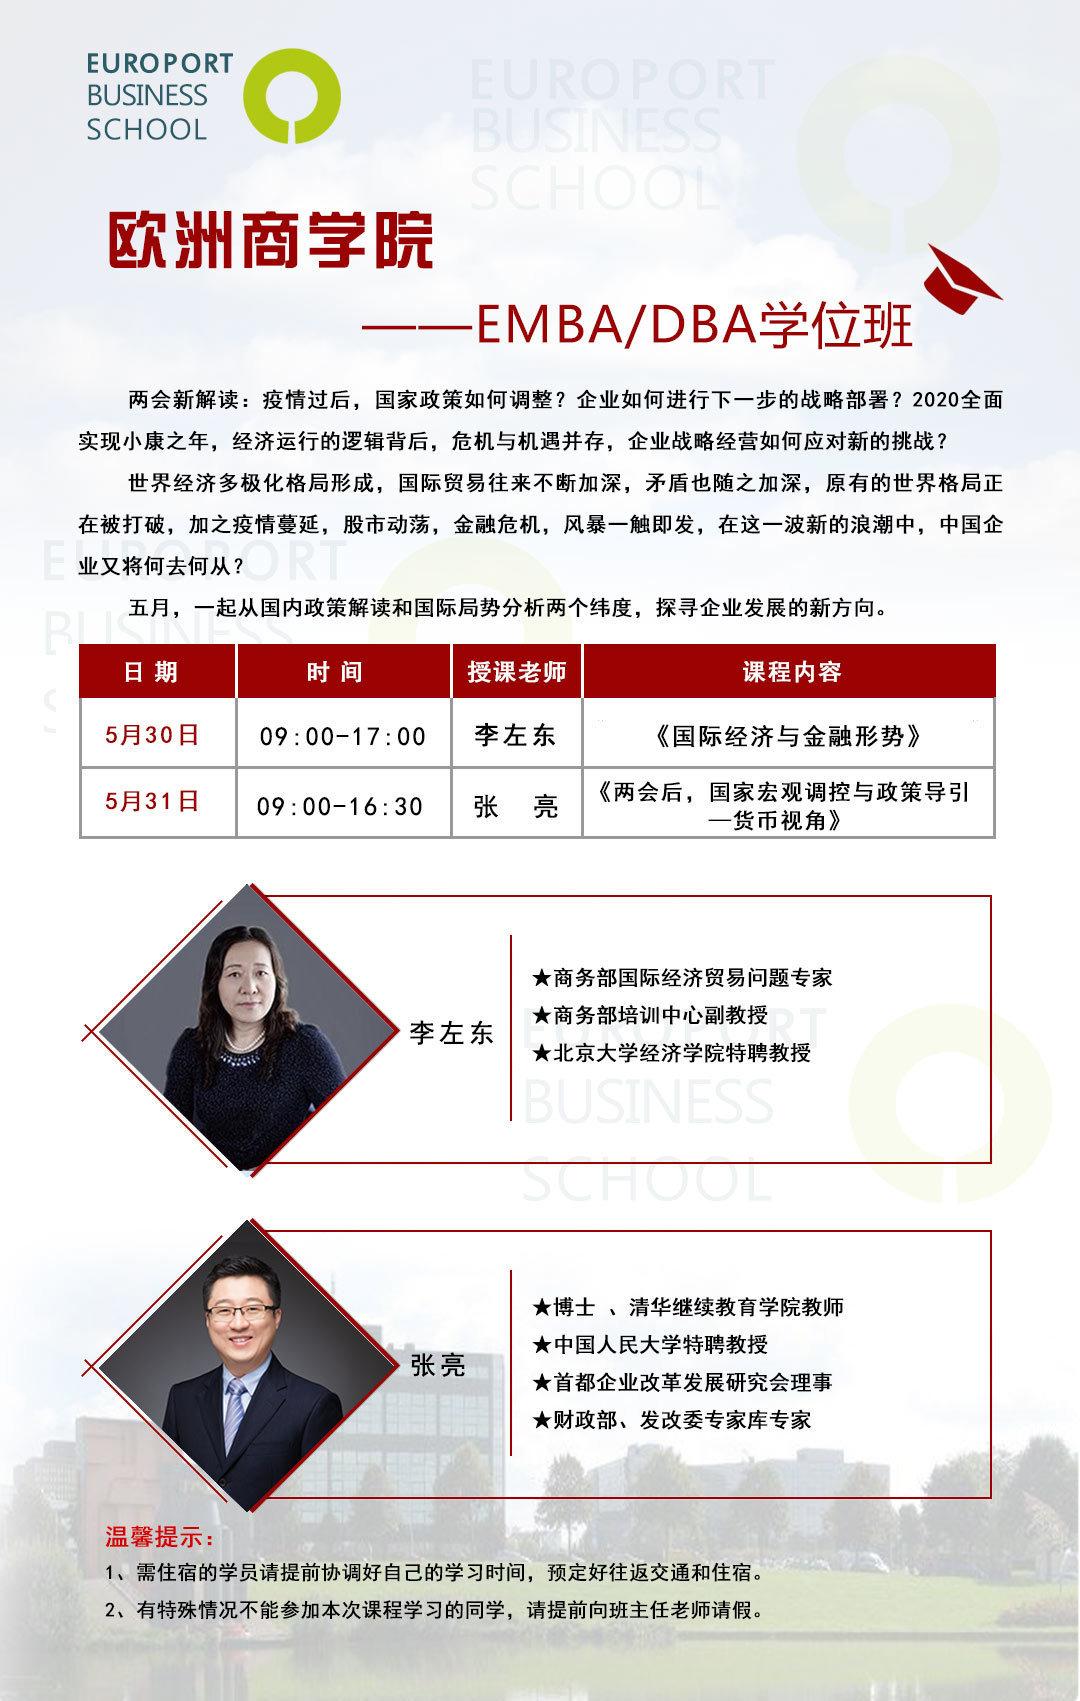 欧洲商学院EMBA/DBA学位班5月开课通知